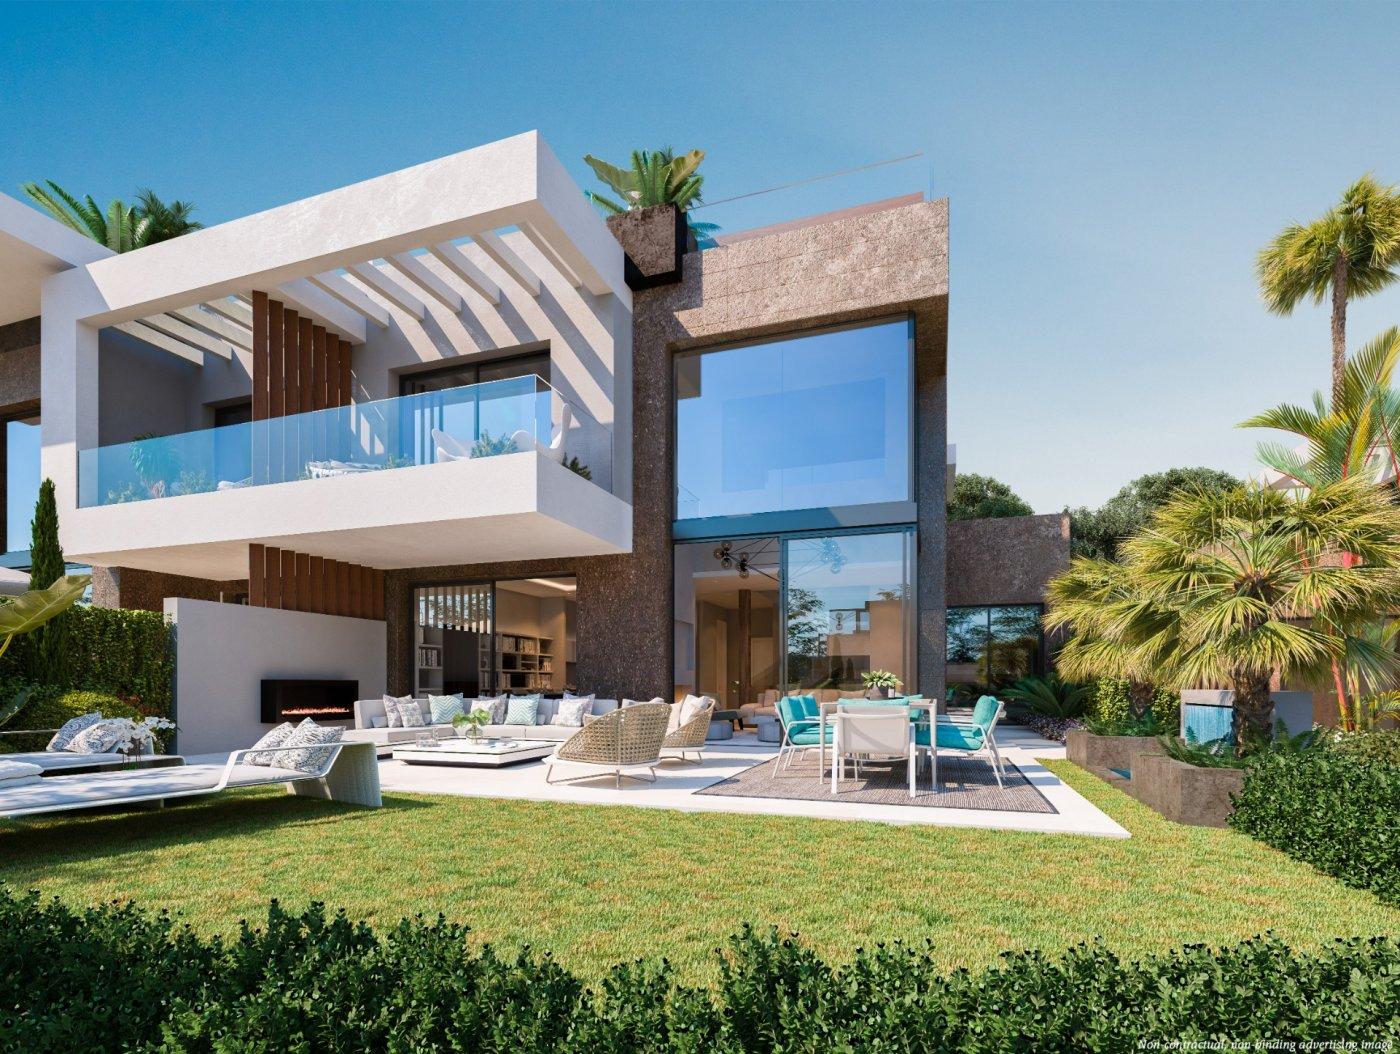 Villas de lujo de cuatro dormitorios a partir de 1.160.000 ? - imagenInmueble0